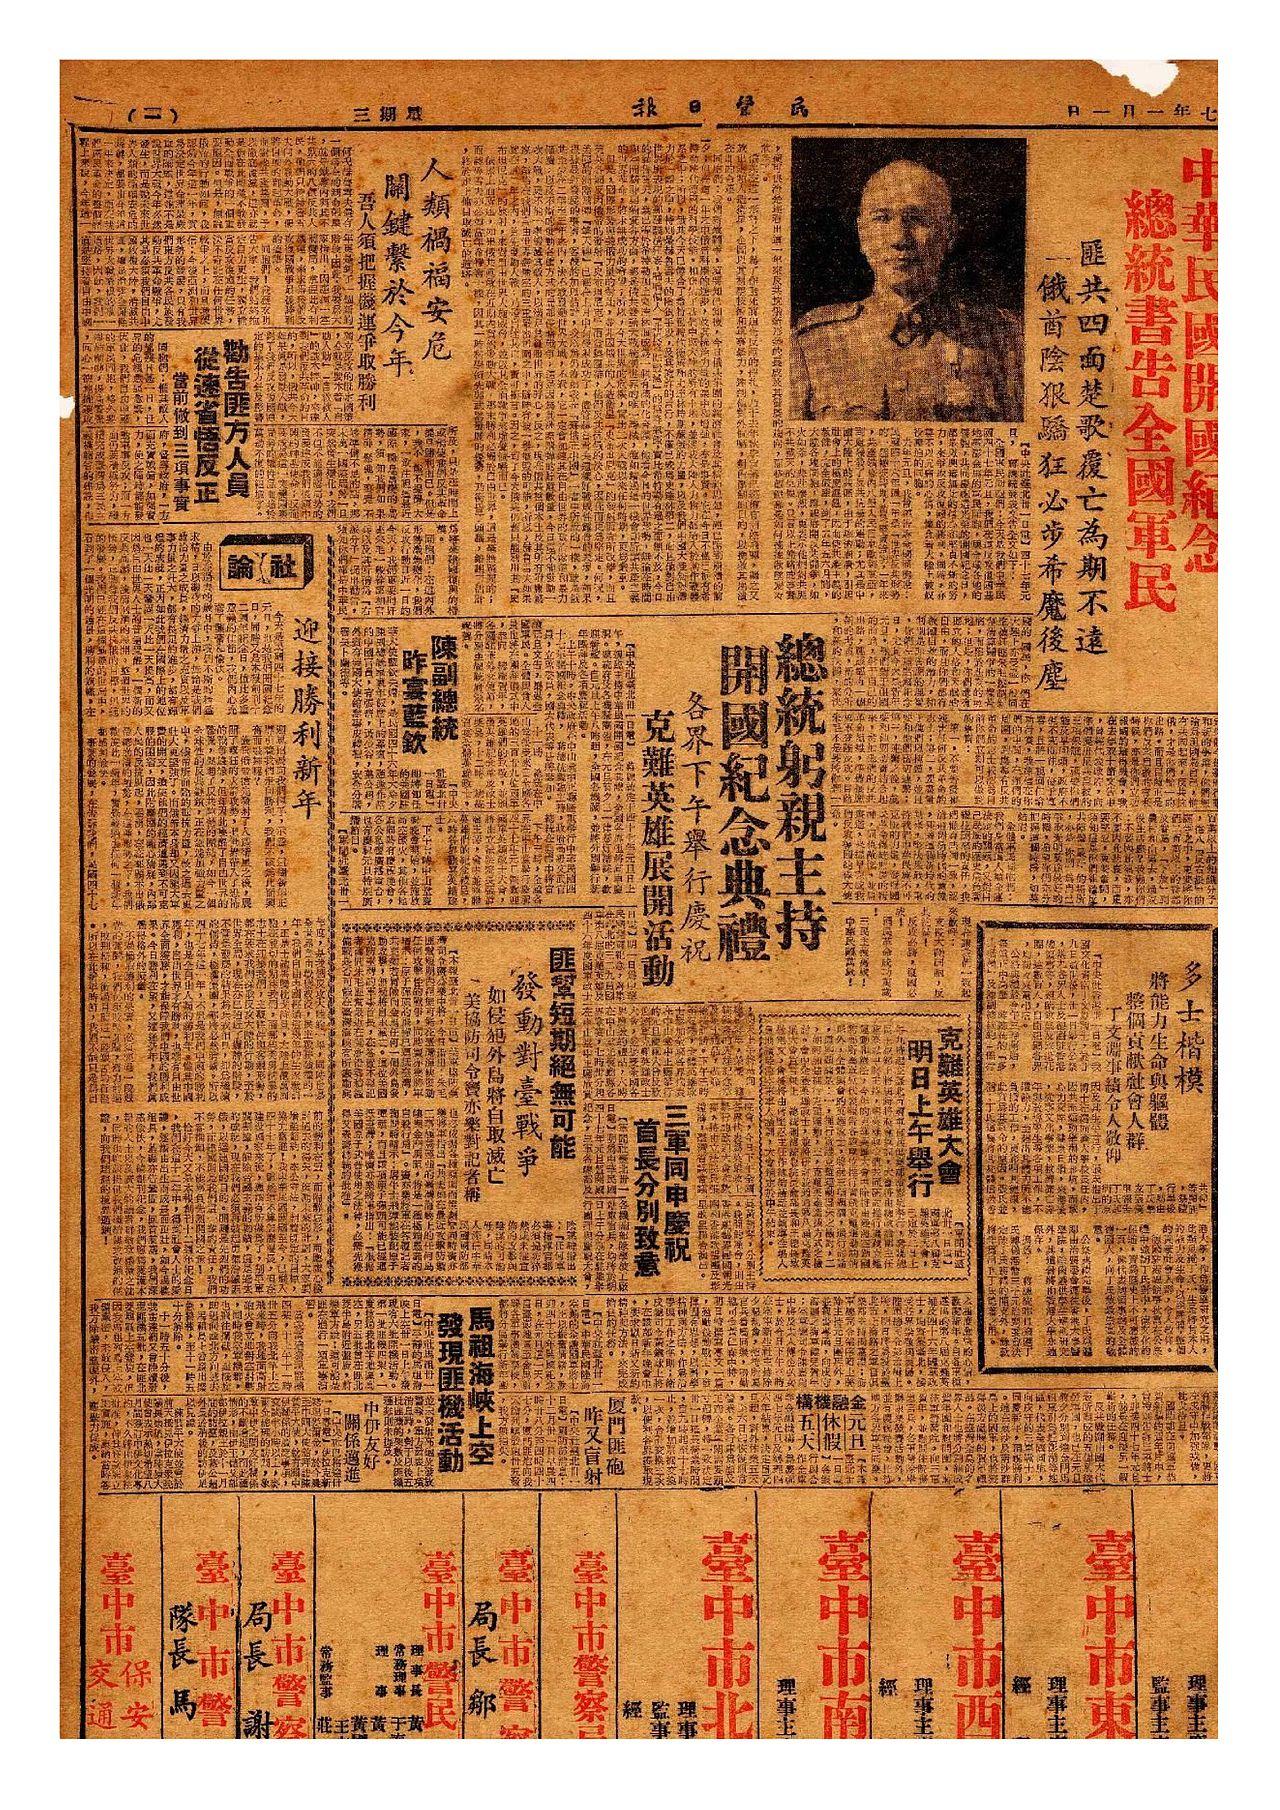 """1958年1月1日,台湾《民声日报》,当日头条置放蒋肖像,头条副标题为:""""匪共四面楚歌,覆亡为期不远。"""""""